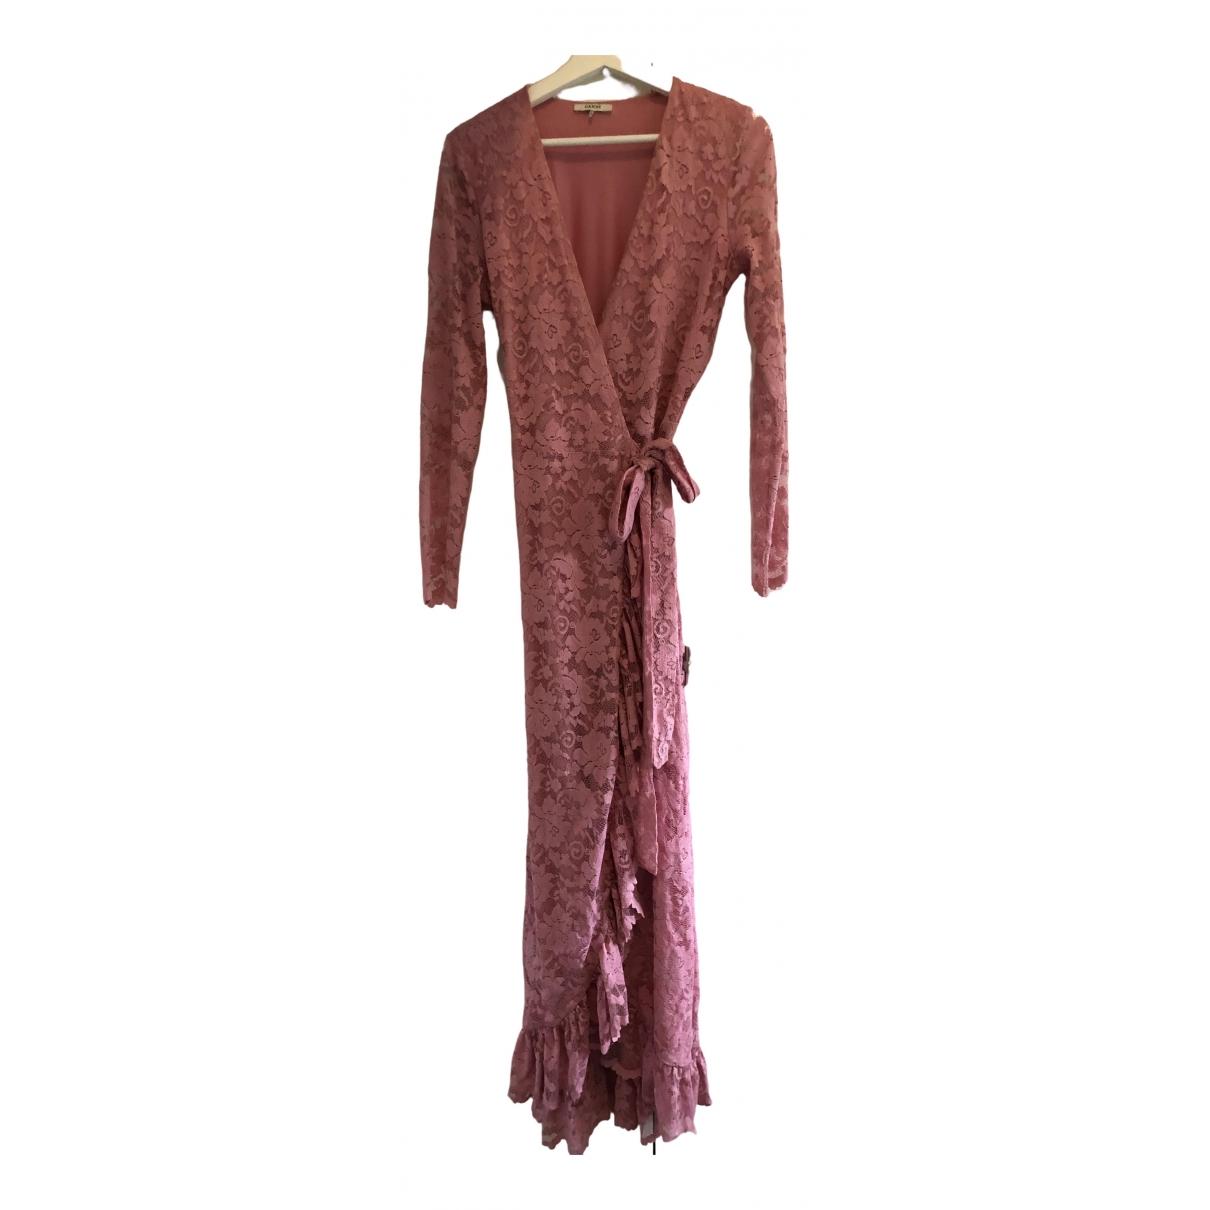 Maxi vestido Fall Winter 2019 Ganni